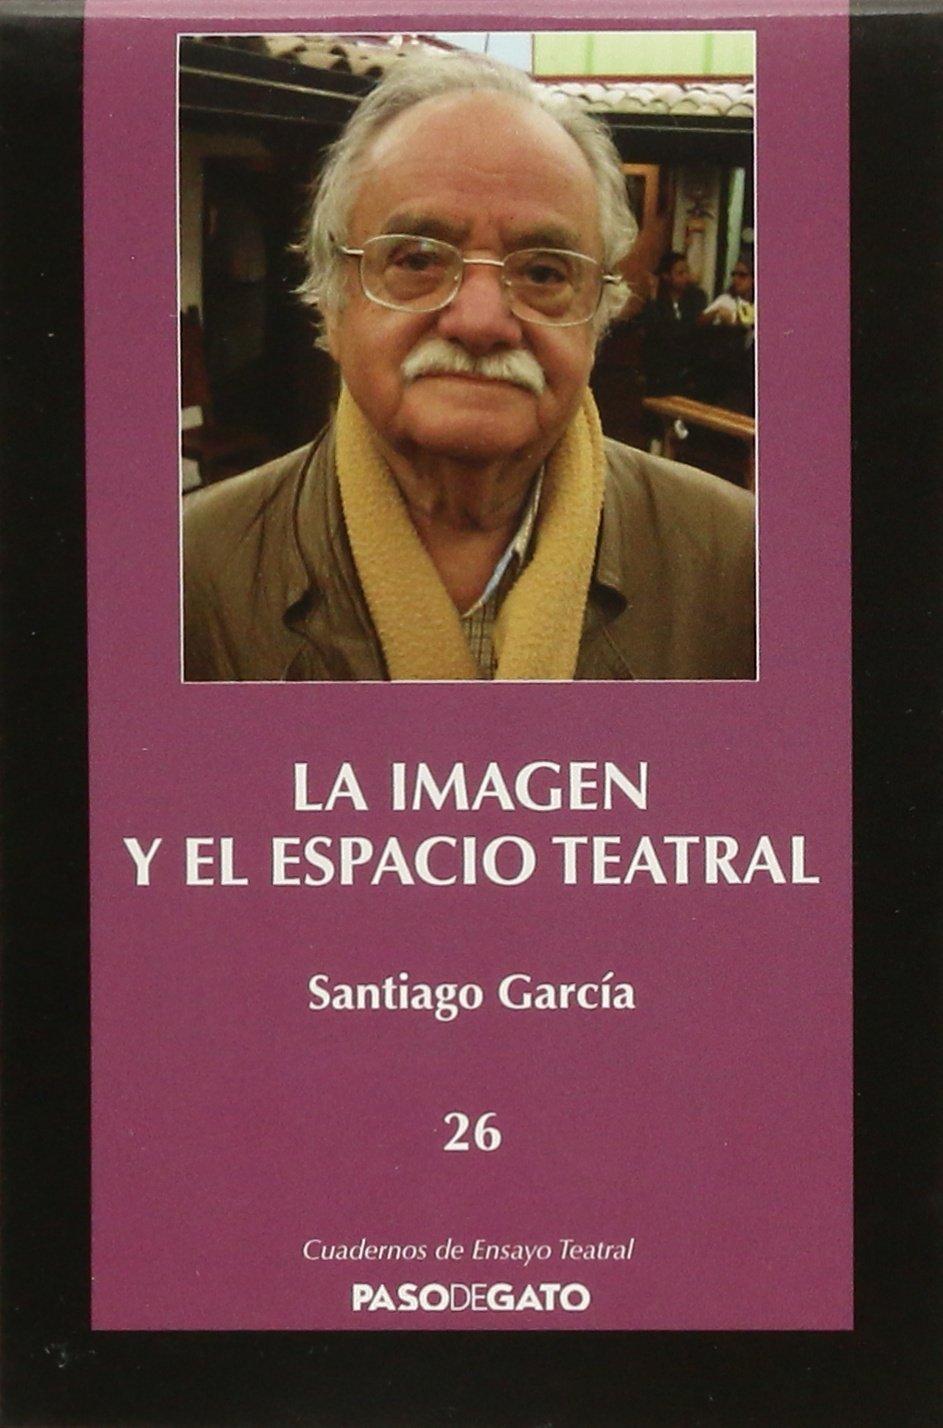 Imagén y el espacio teatral, La: Santiago García: 9786078092581: Amazon.com: Books